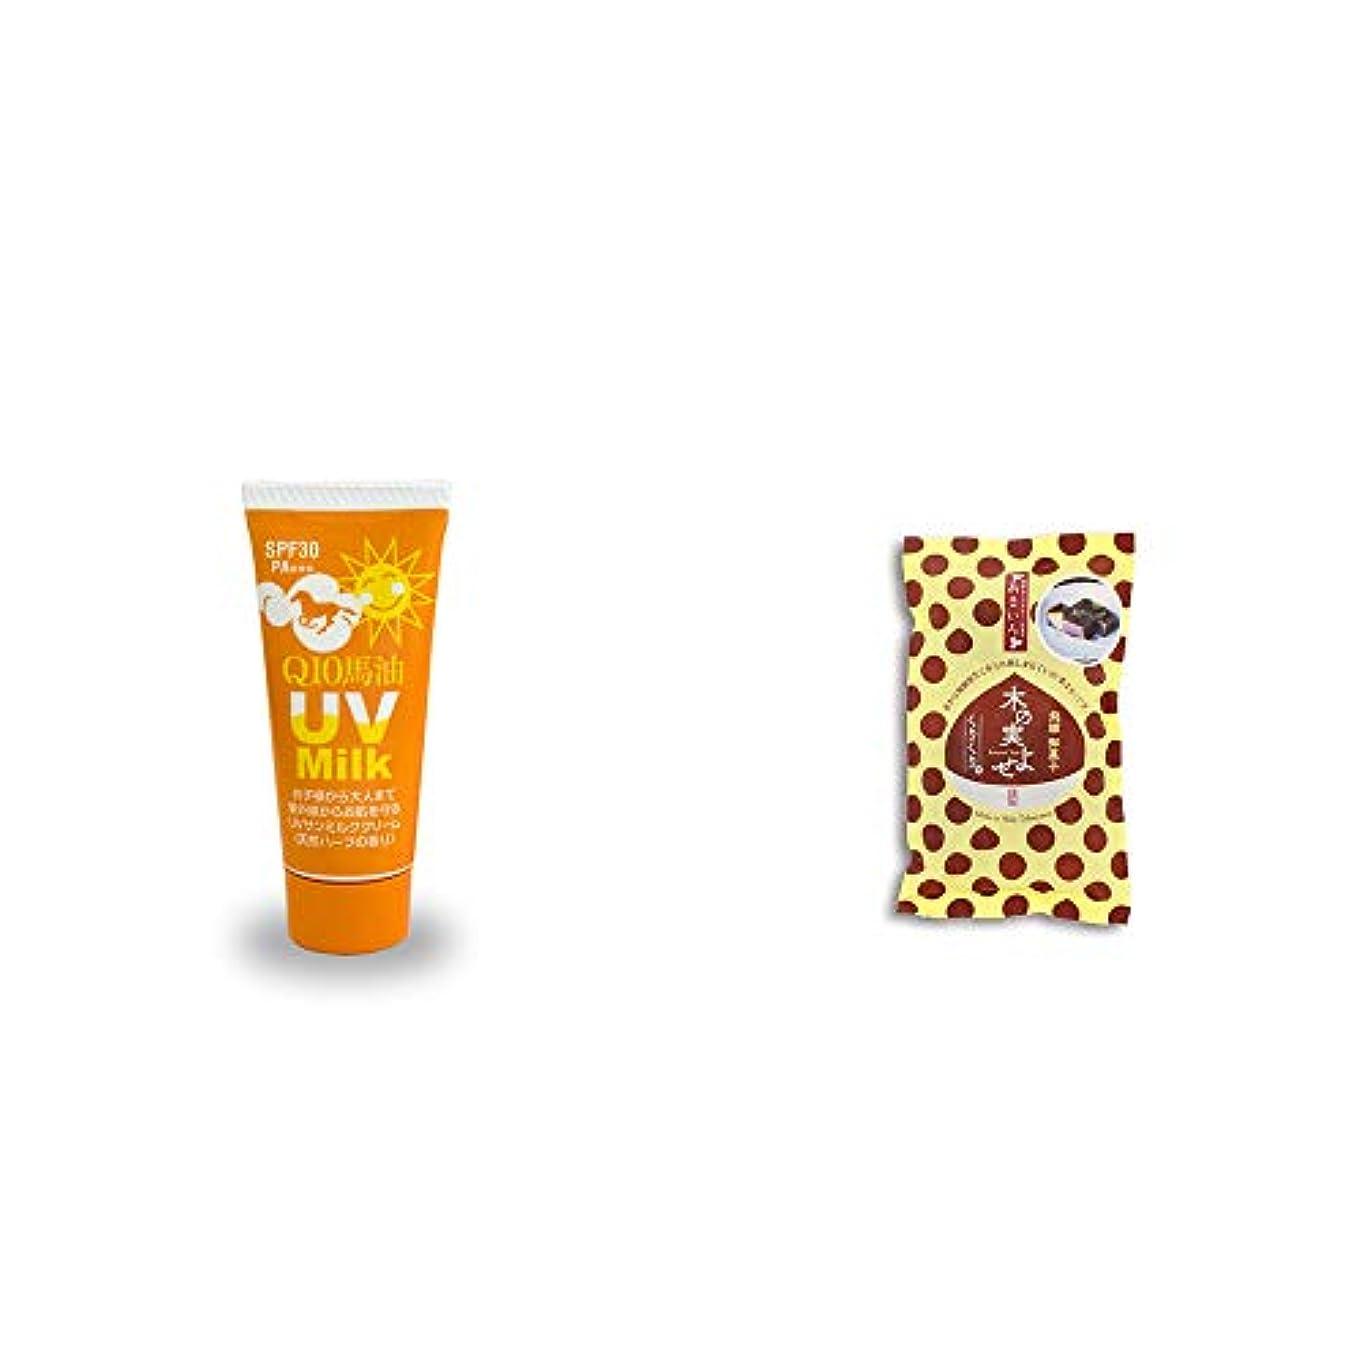 先駆者フリンジ不要[2点セット] 炭黒泉 Q10馬油 UVサンミルク[天然ハーブ](40g)?木の実よせ くりくり味(5個入)